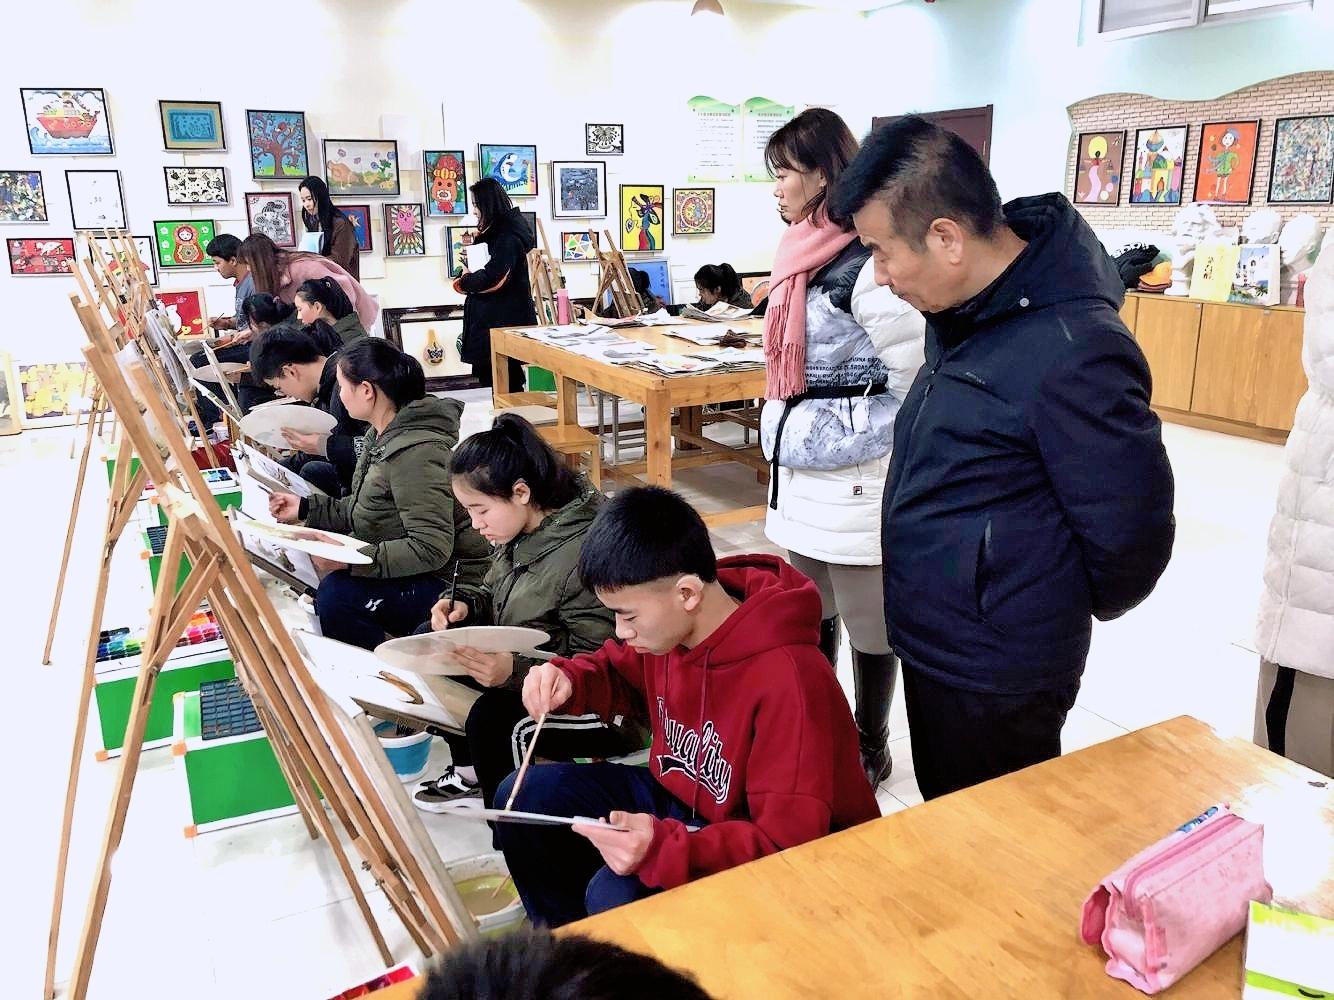 【宝特校·教学活动】课堂实践展风采  技能考核促提升